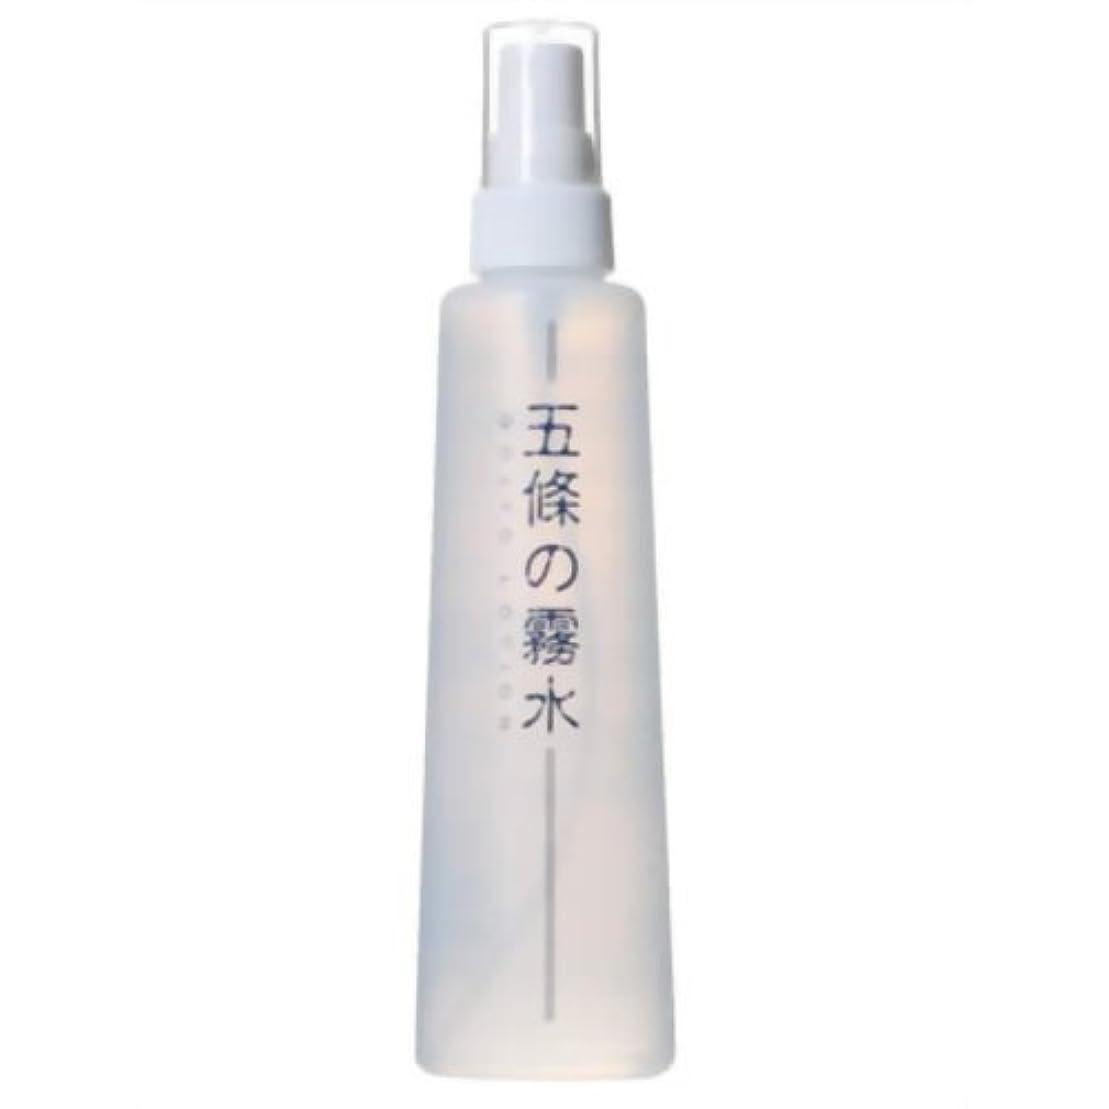 革新道路リハーサル五條の霧水ベーシック(200ml)